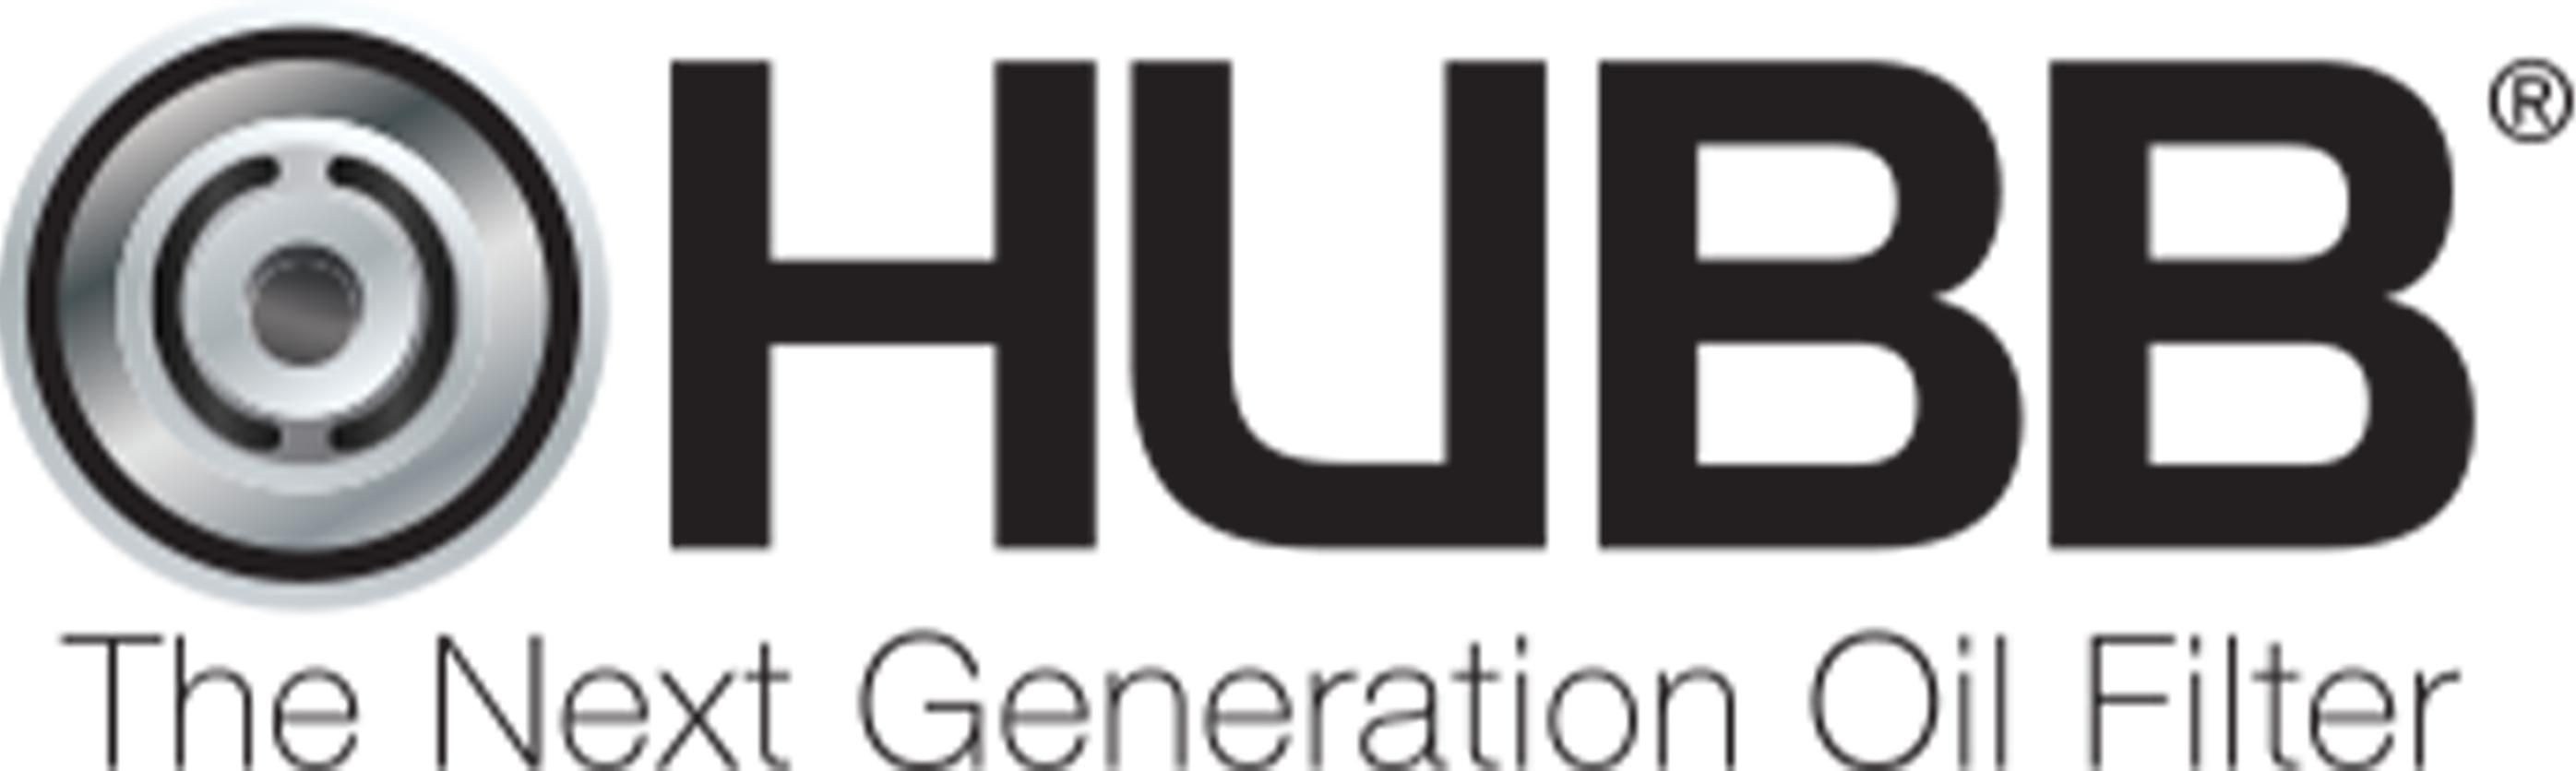 HUBB Filters